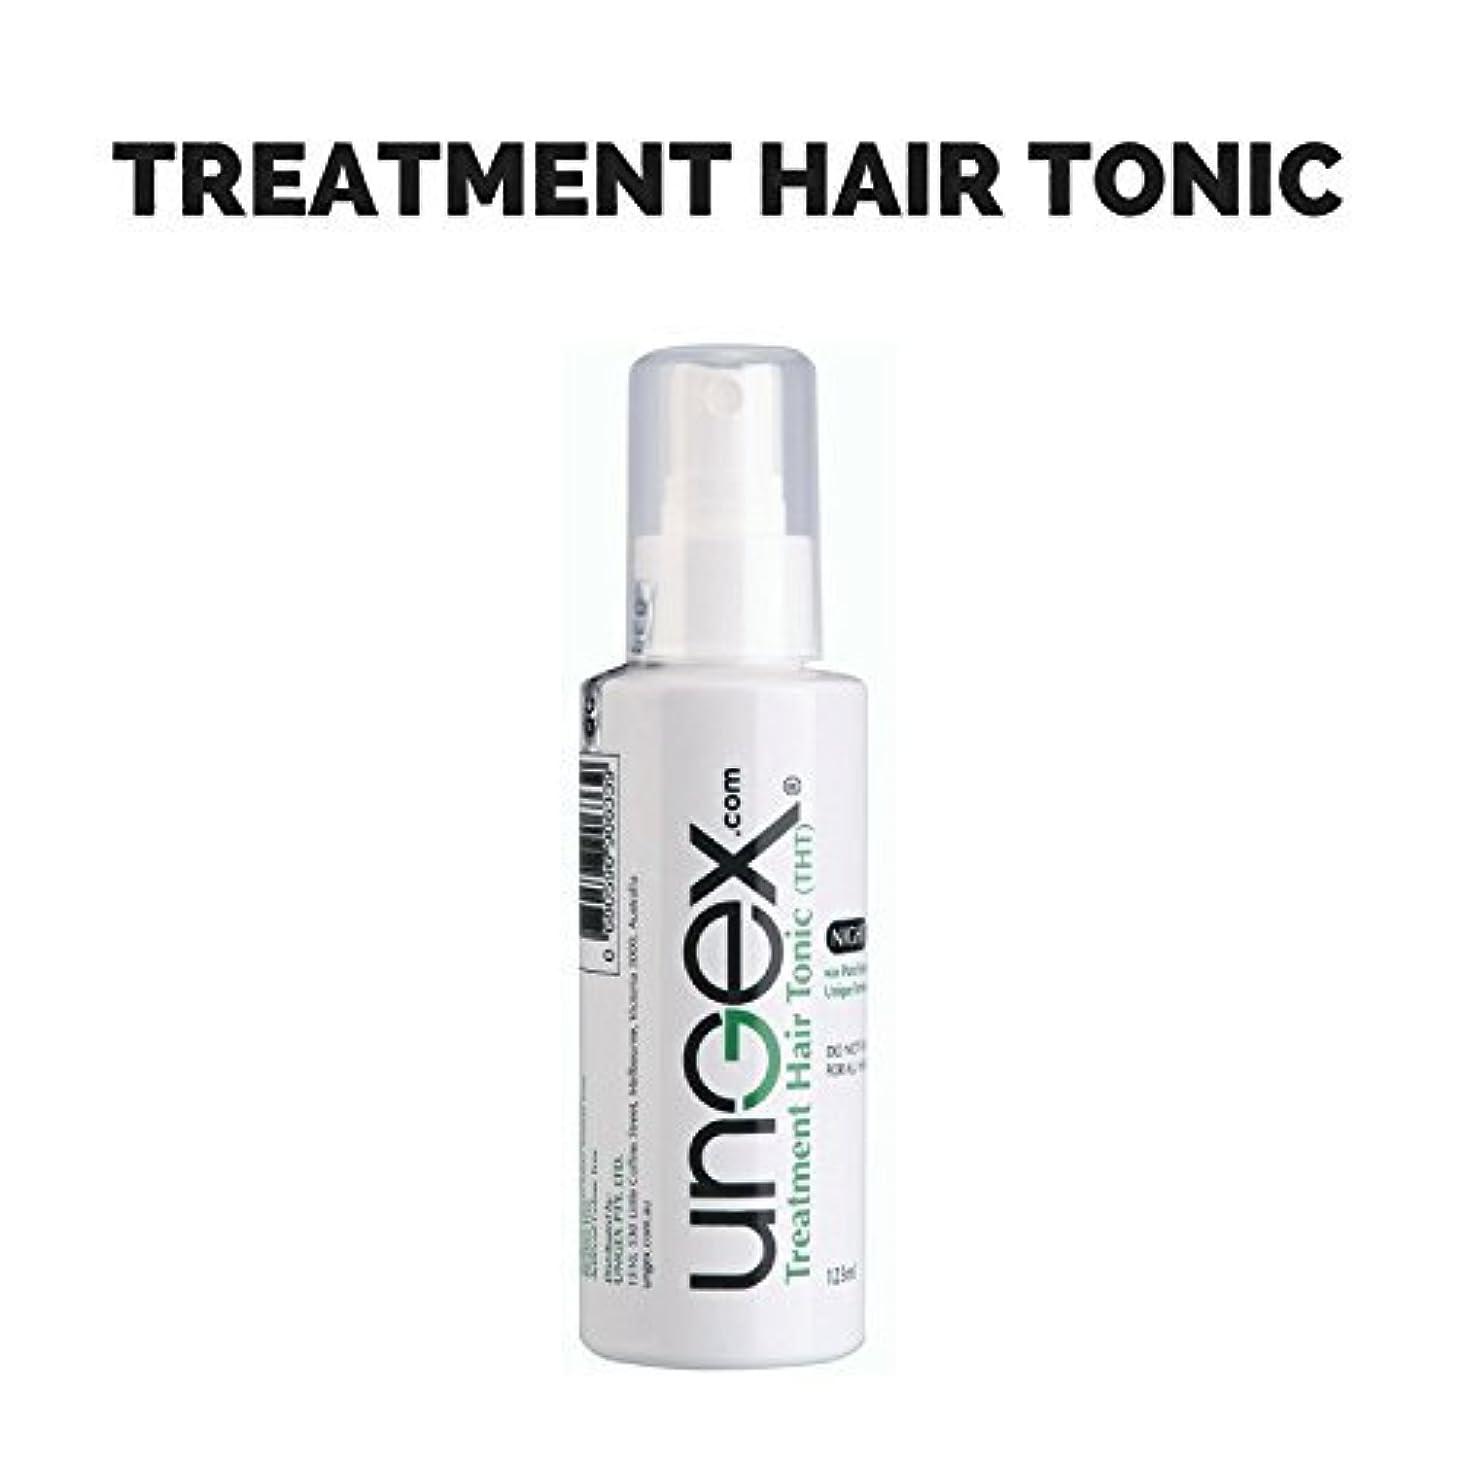 懺悔器用しないTreatment Hair Tonic - Protect Scalp and Soothe Itching from Demodex Mites